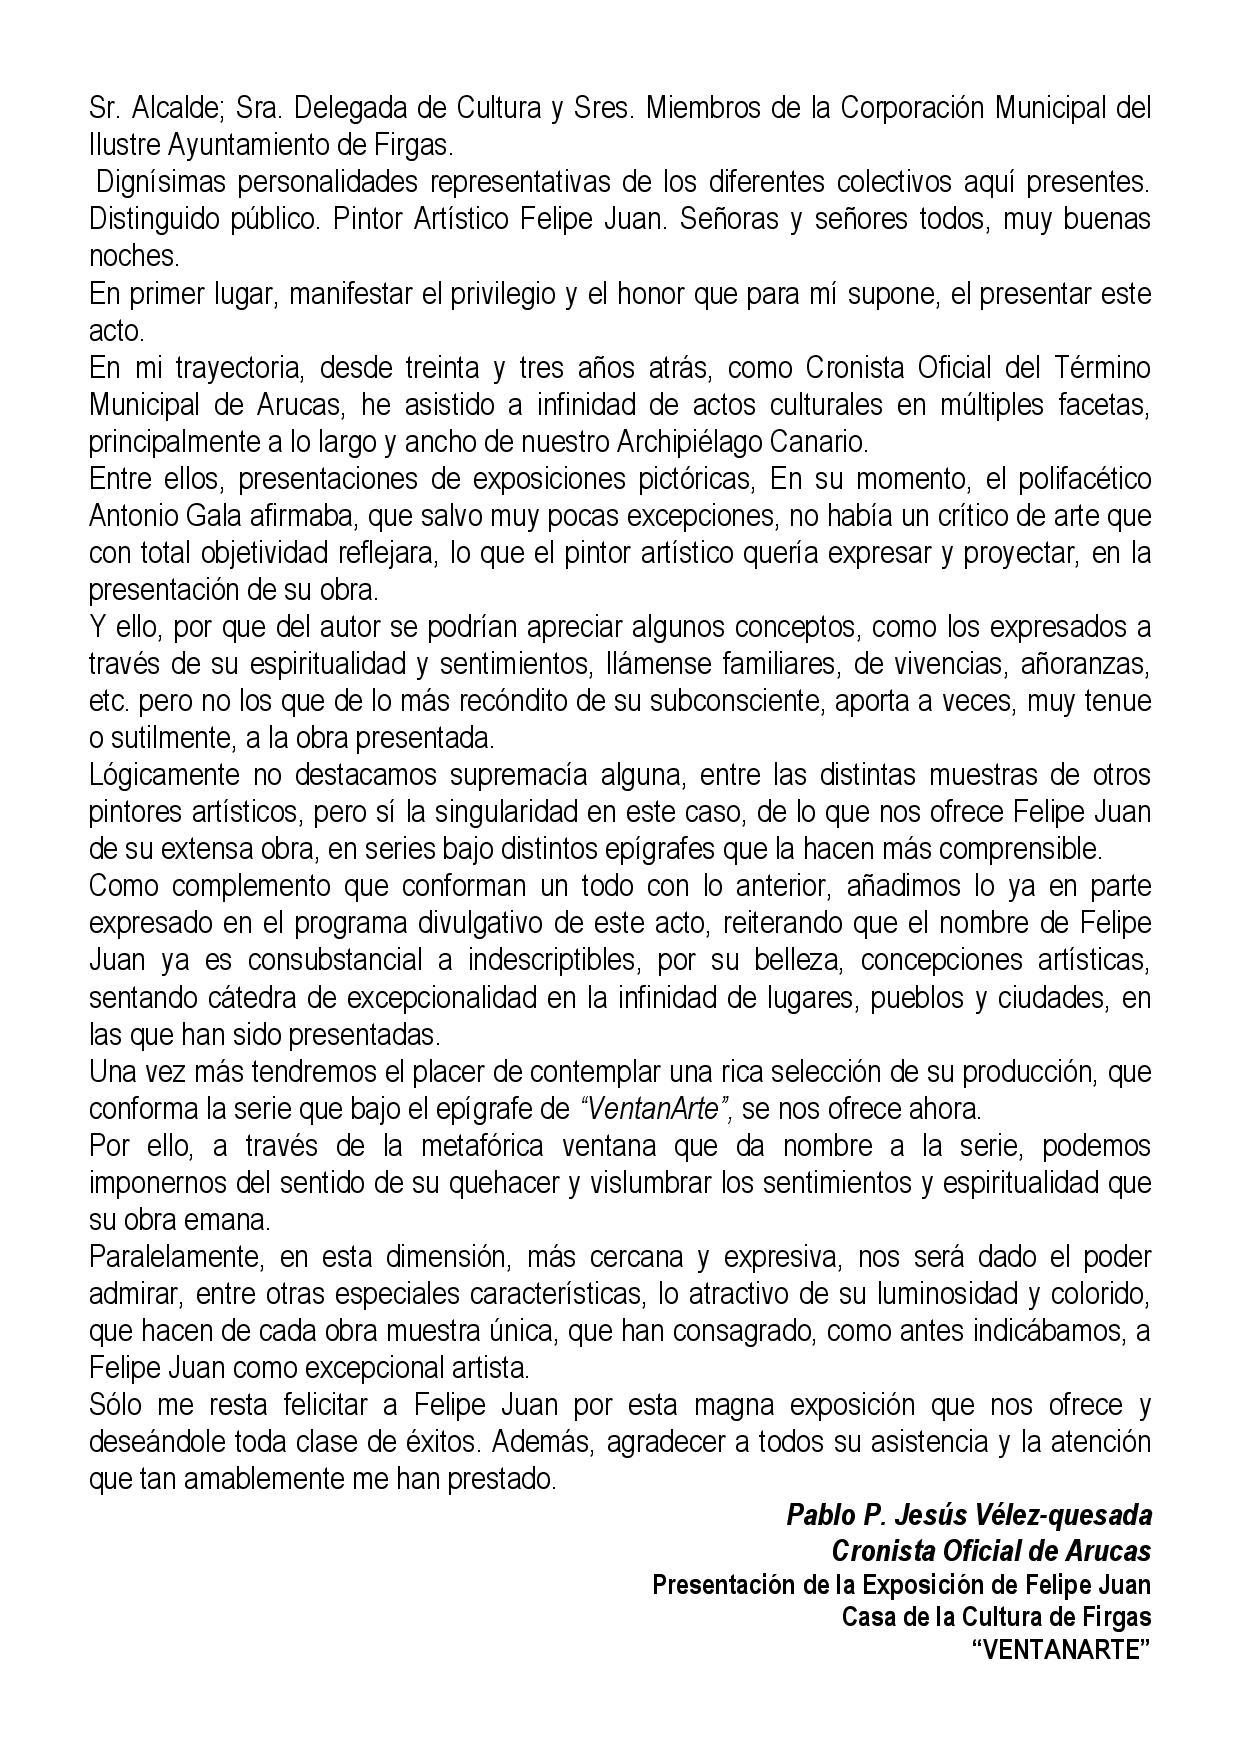 Textos Críticos_selecció_36.jpg